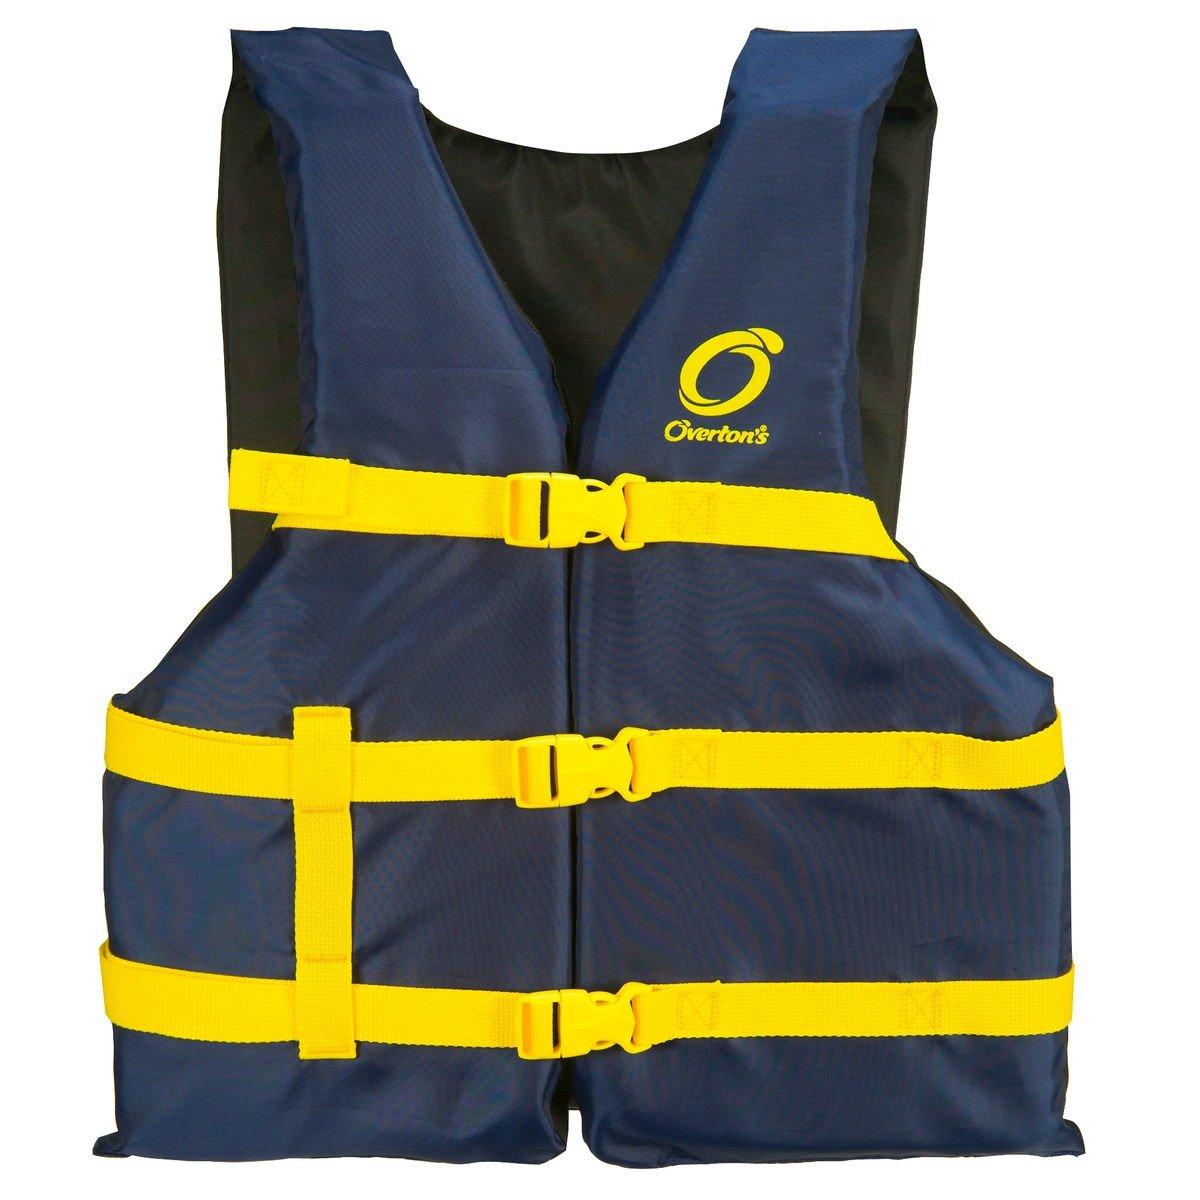 Blue Life Jacket Vests for Boating Universal 4 Pack Unisex